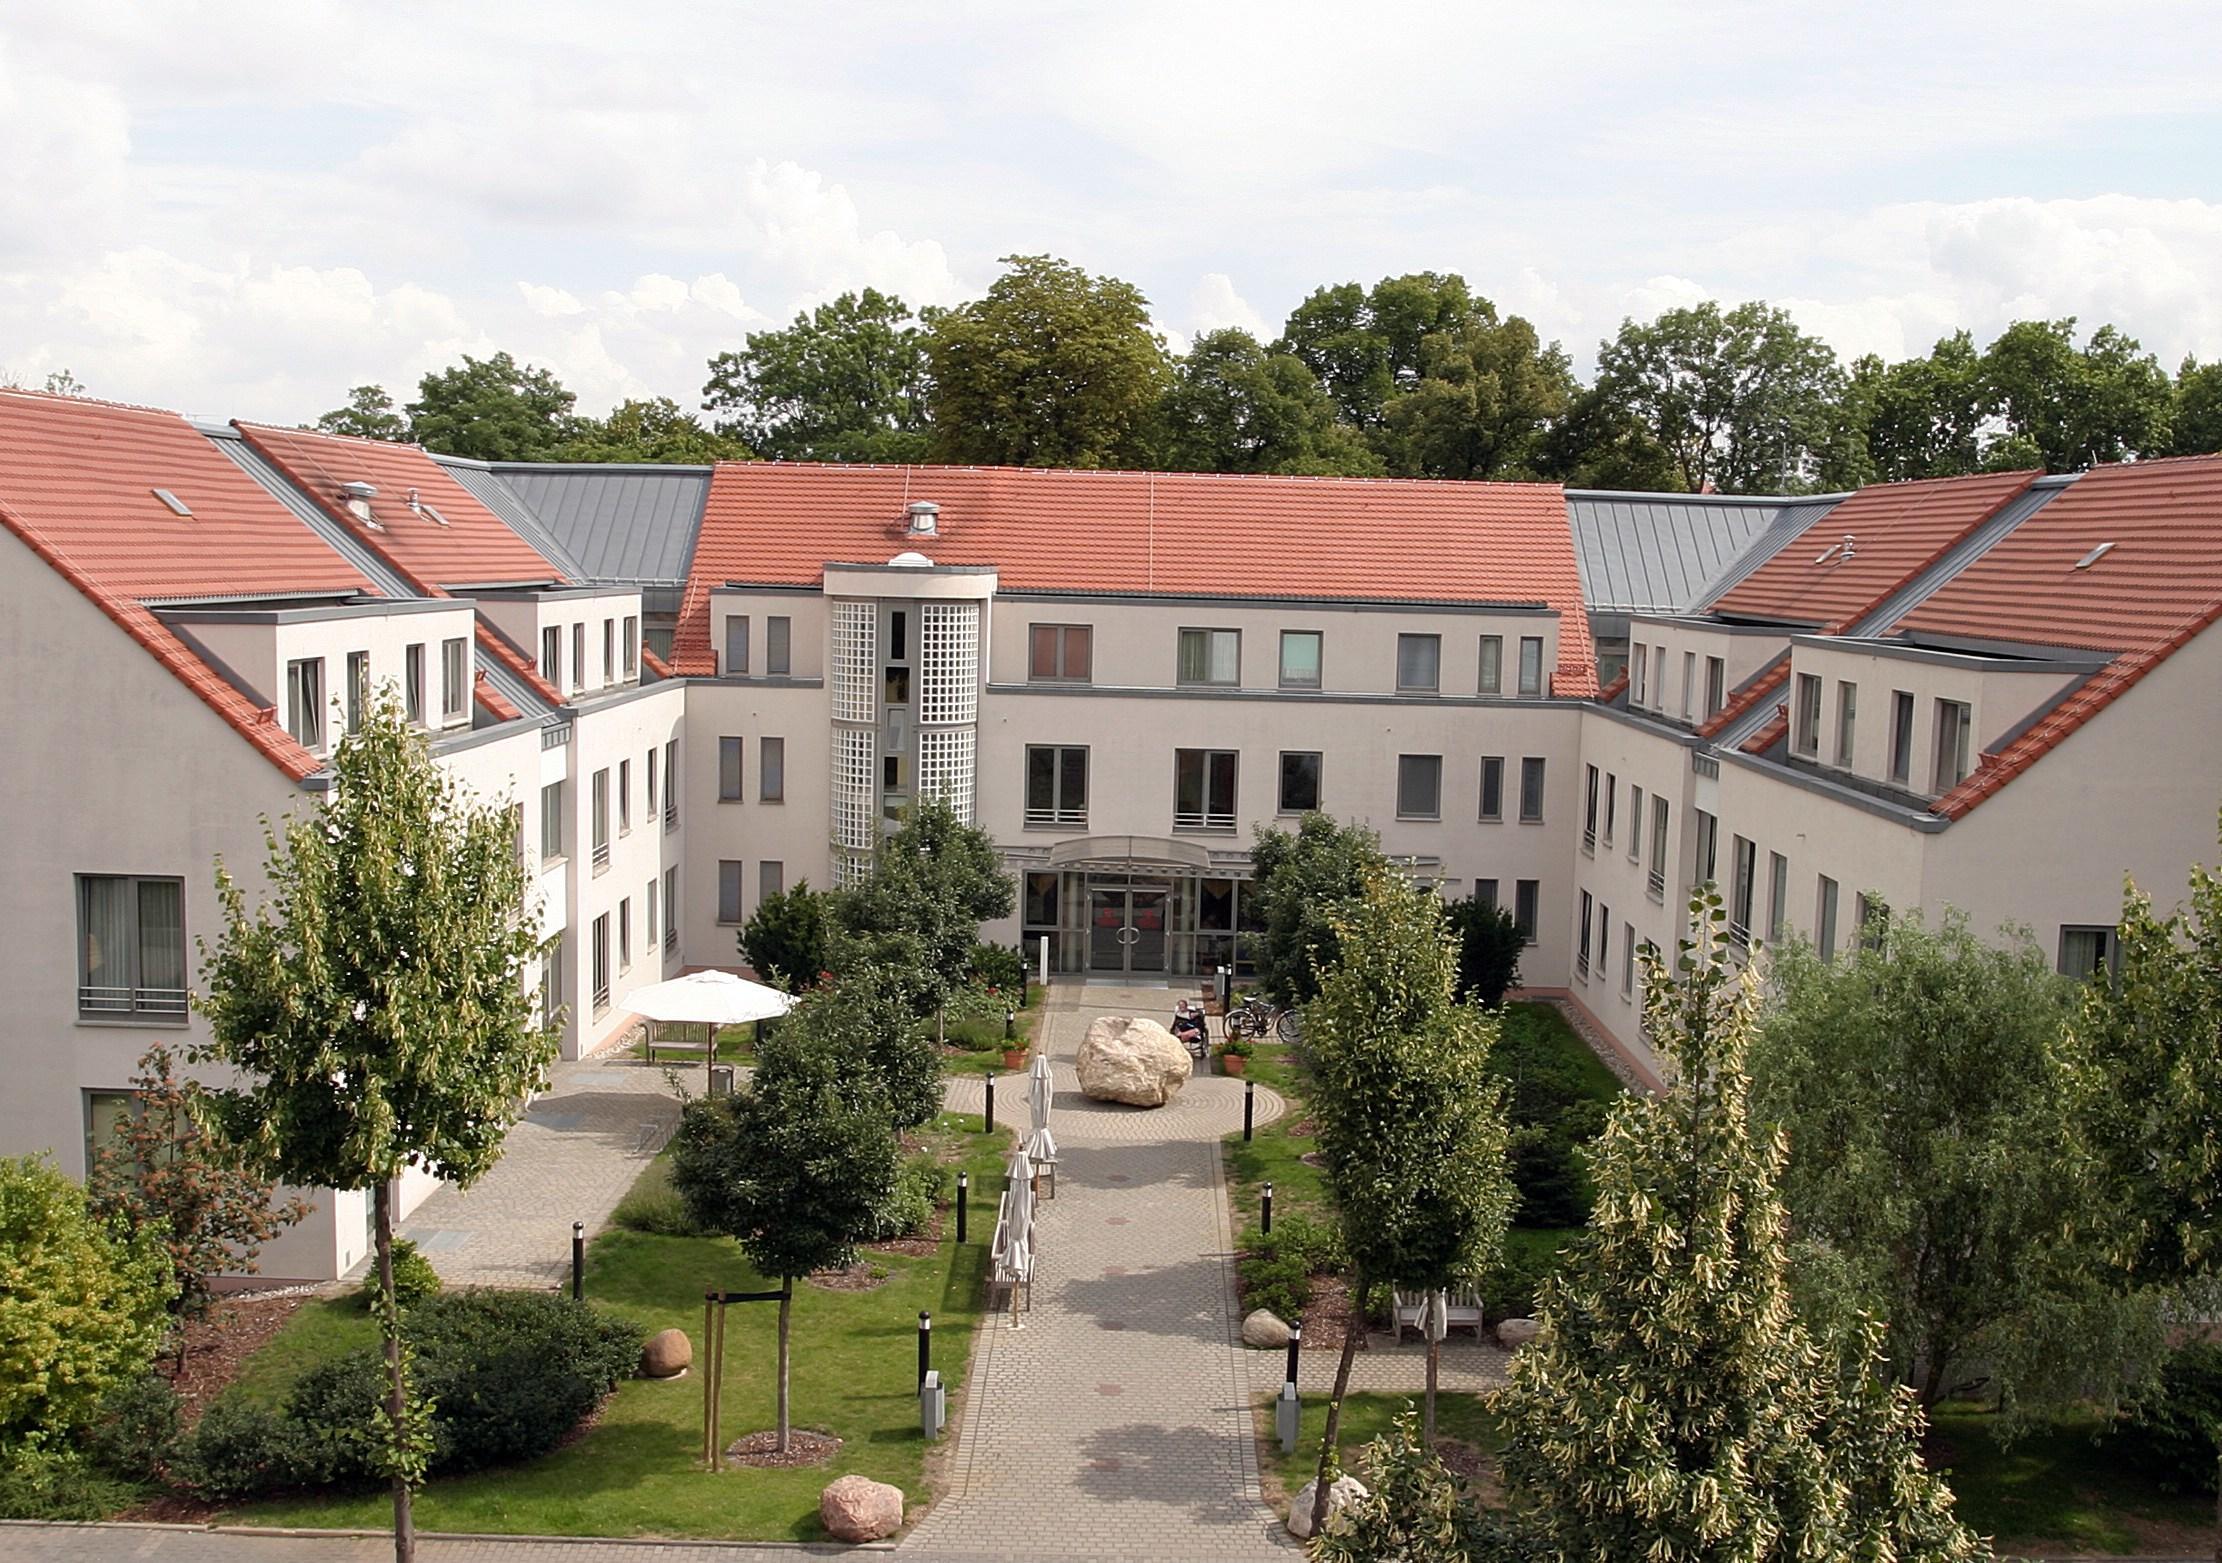 K&S Seniorenresidenz Torgau - Haus Renaissance